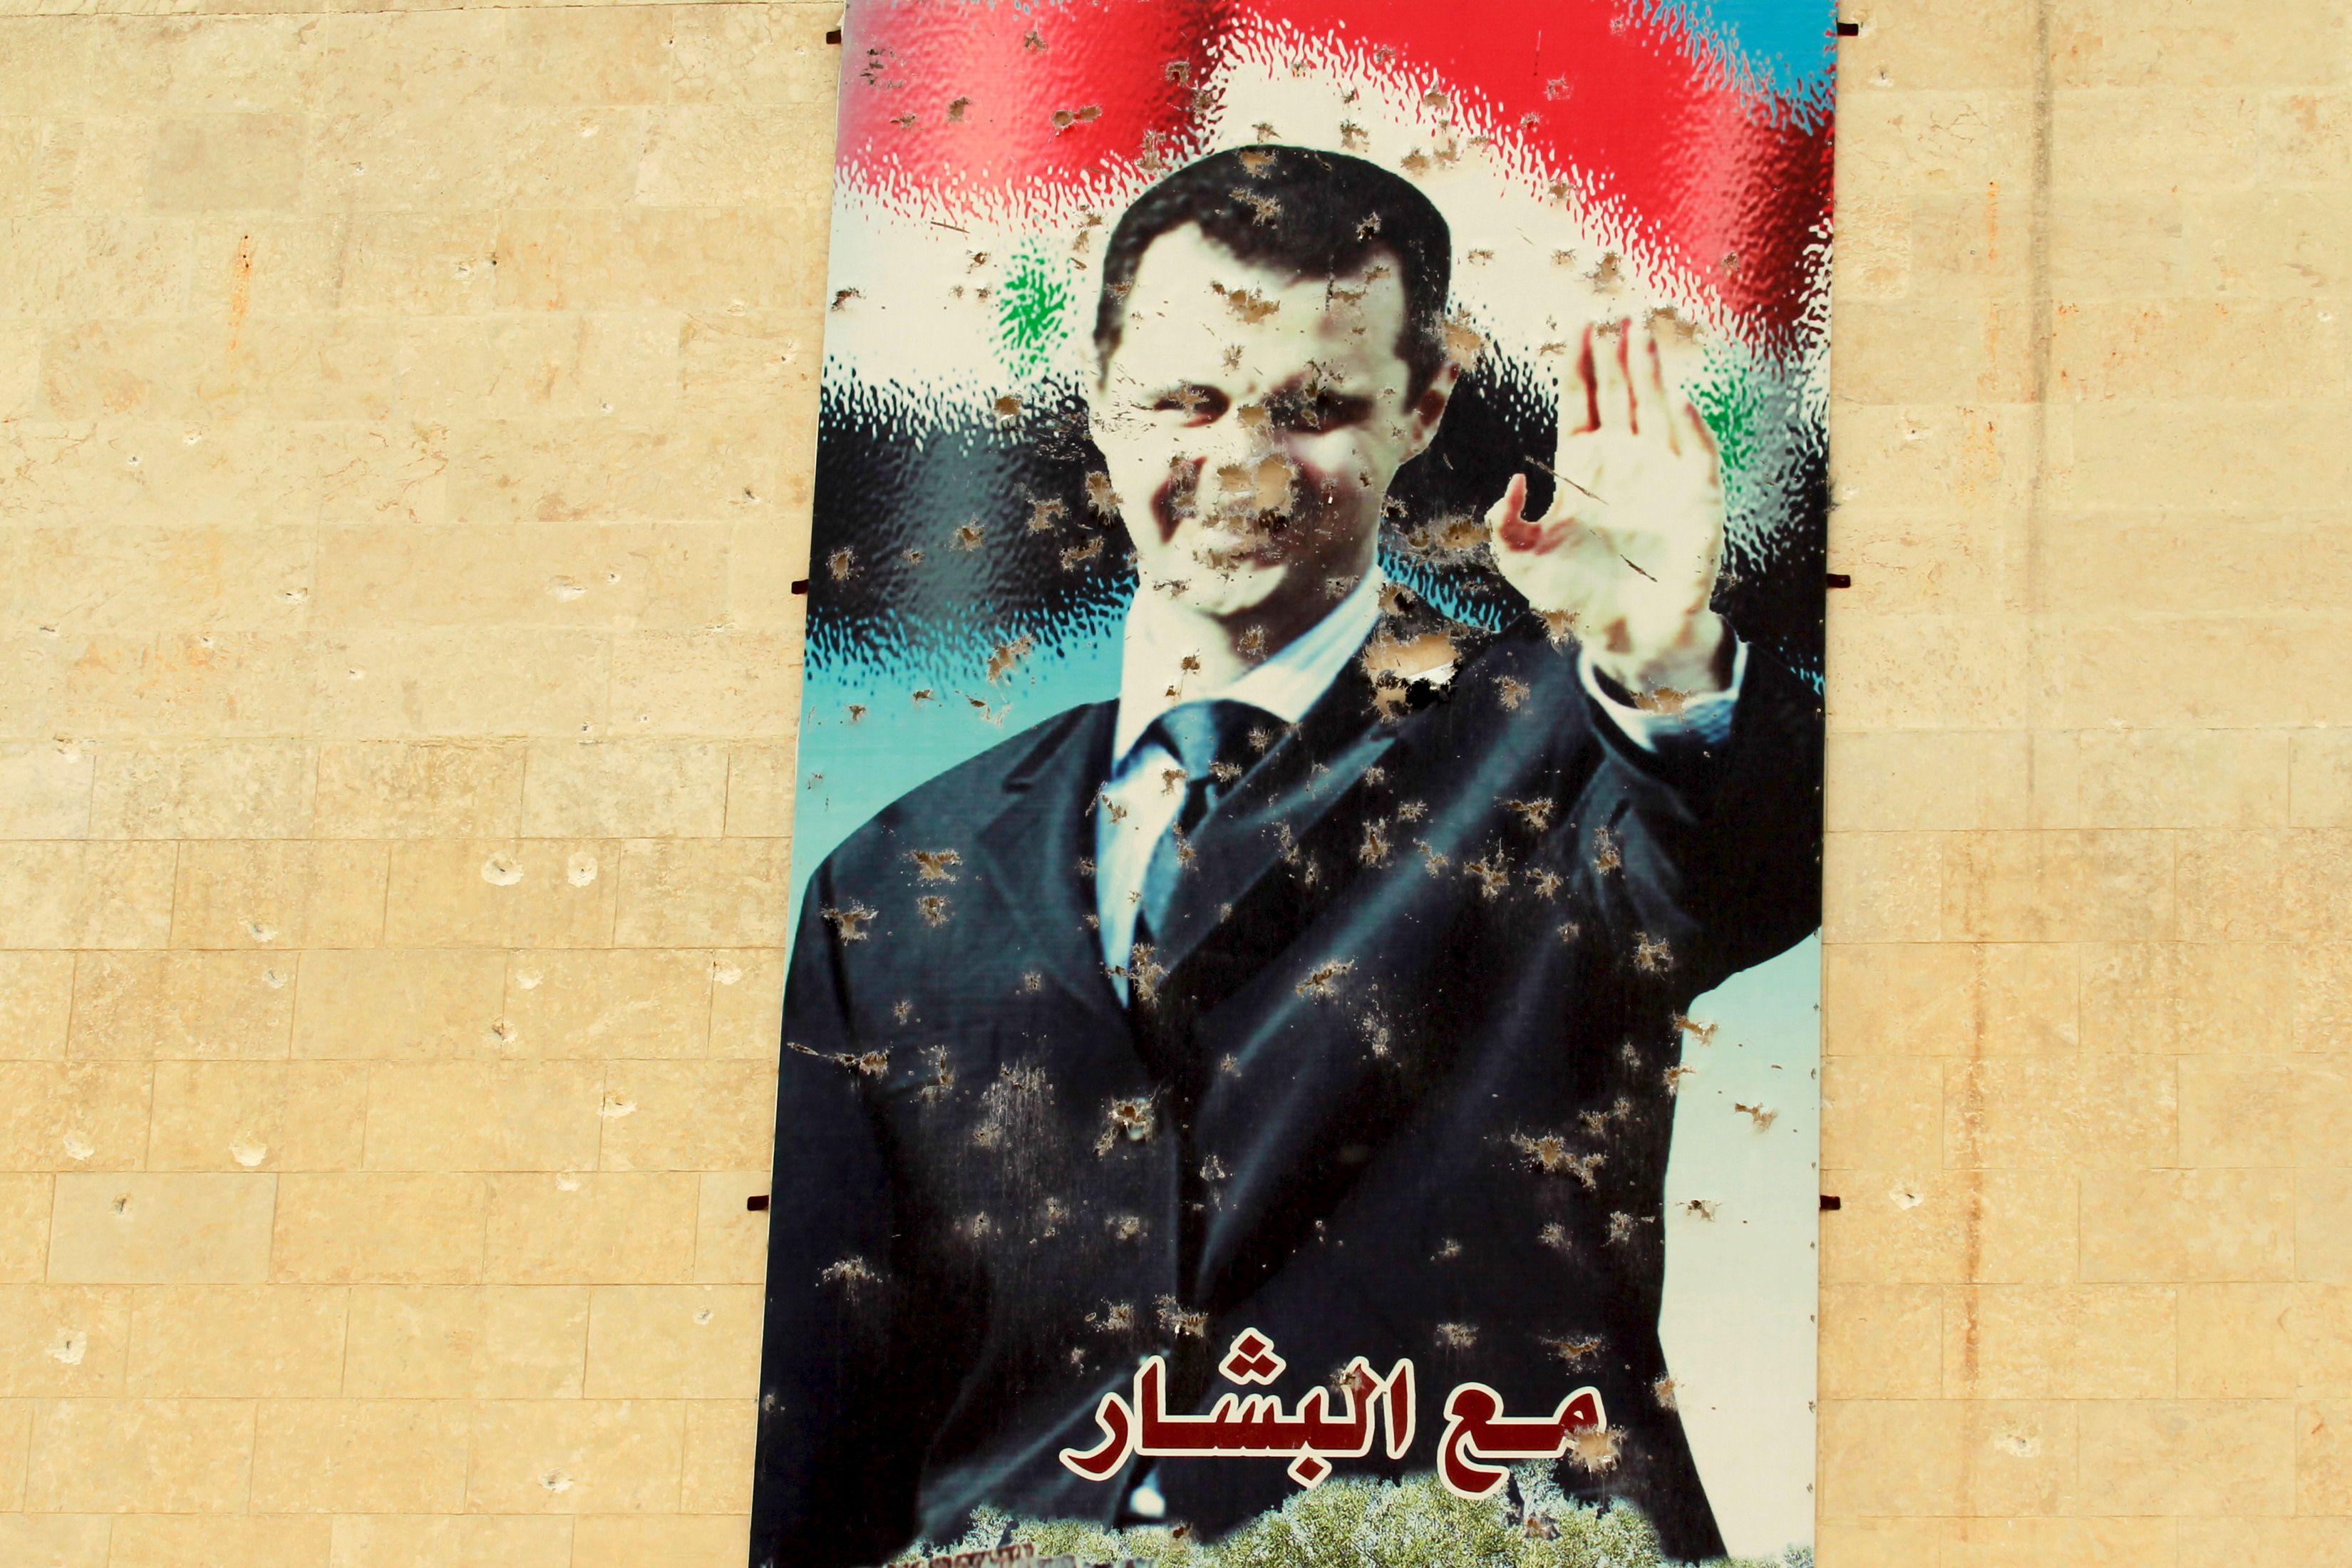 """Syrie : """"César"""", le photographe de l'horreur aux plus de 50 000 clichés, témoin des tortures du régime de Bachar el-Assad"""